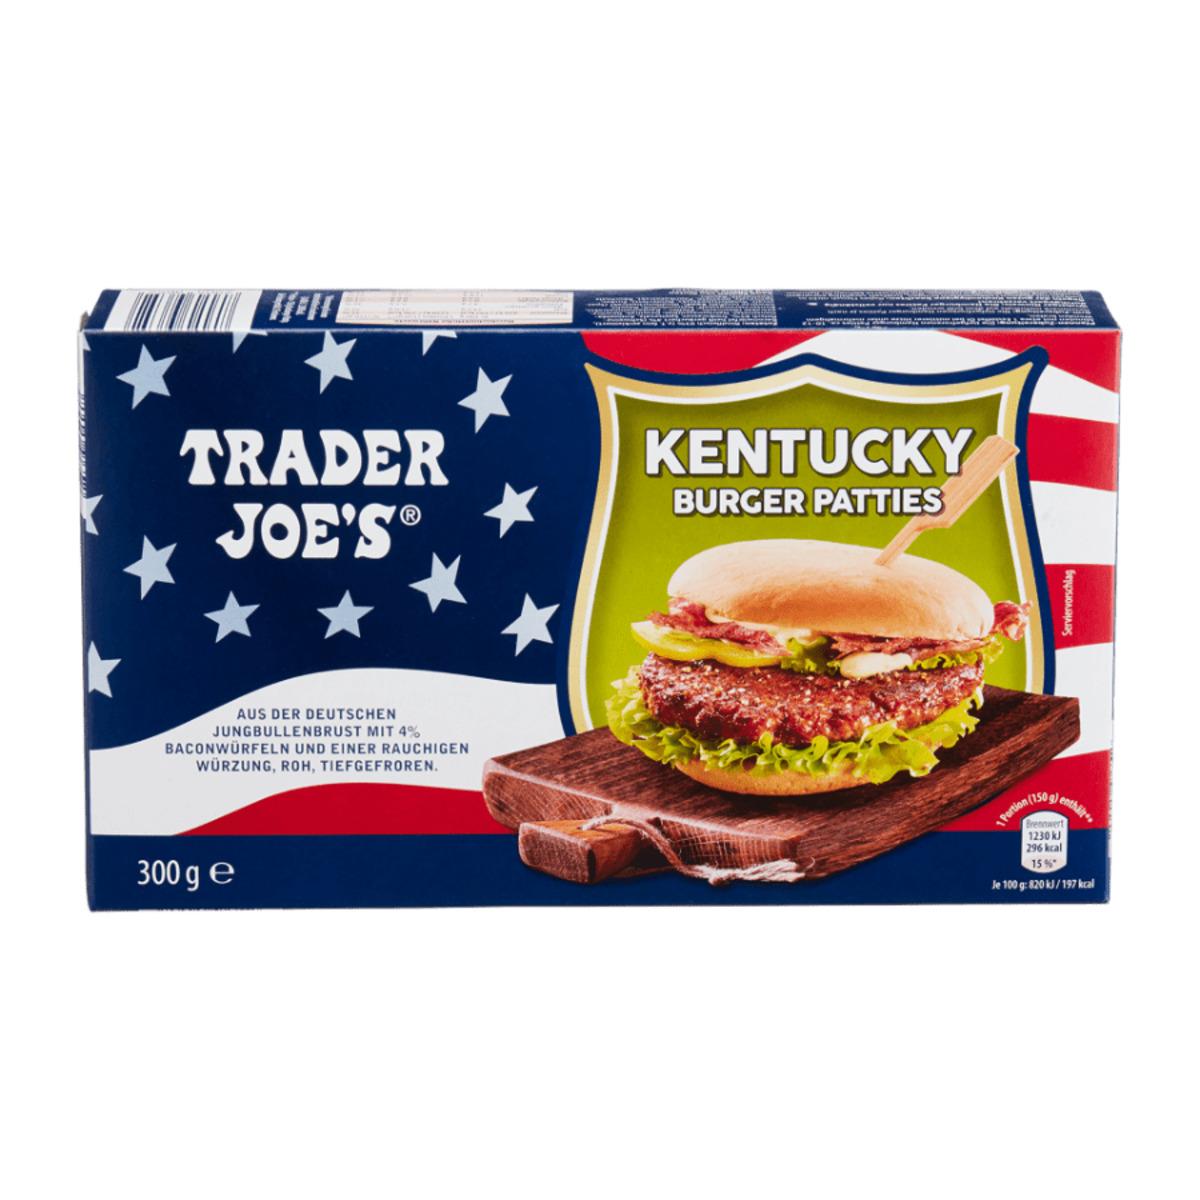 Bild 2 von TRADER JOE'S     Burger Patties